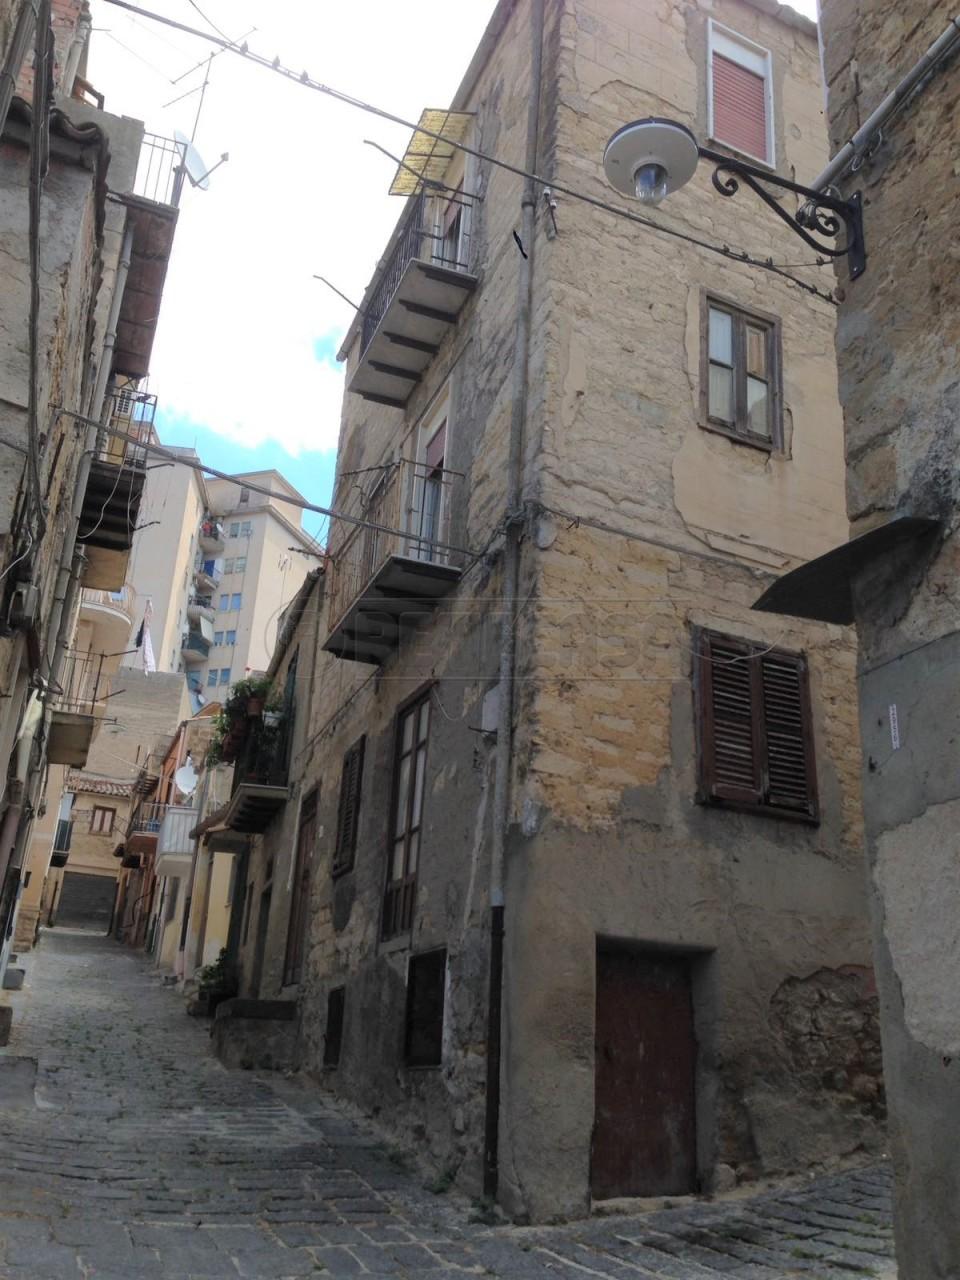 caltanissetta vendita quart: centro  storico d.i.-tumminelli-loredana